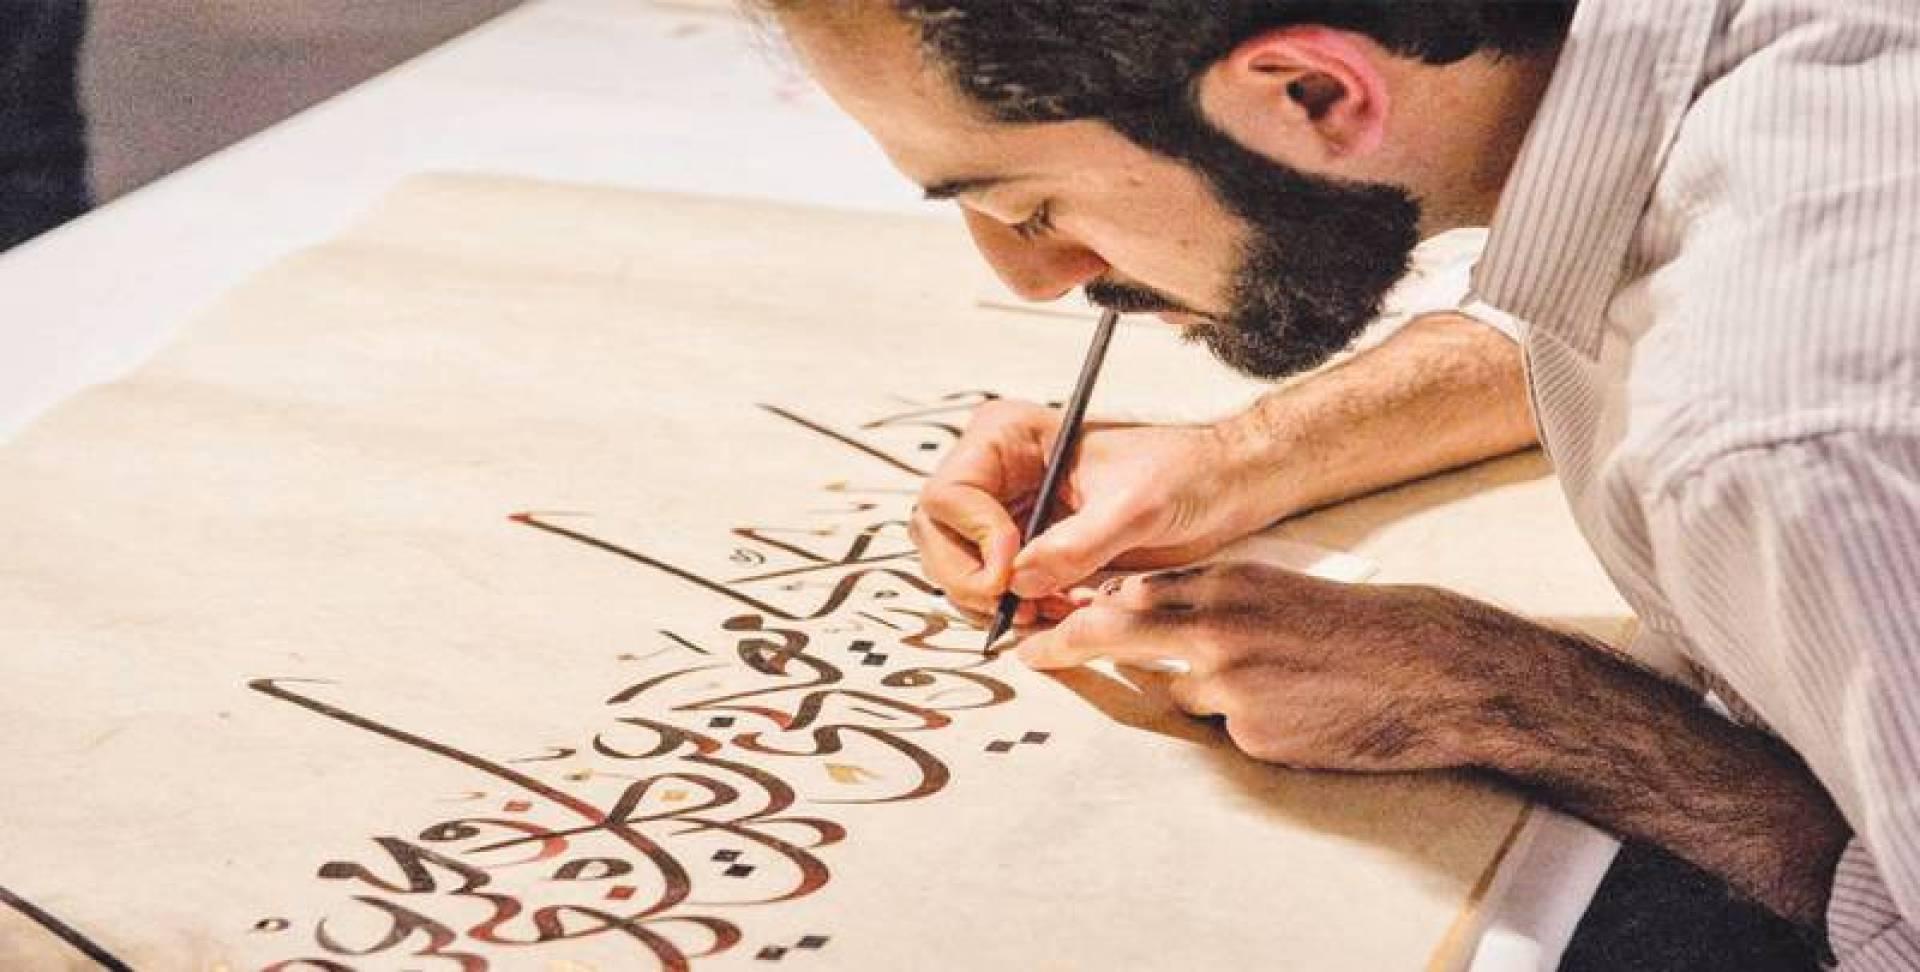 المعراج عاكفاً على إحدى لوحاته الخطية